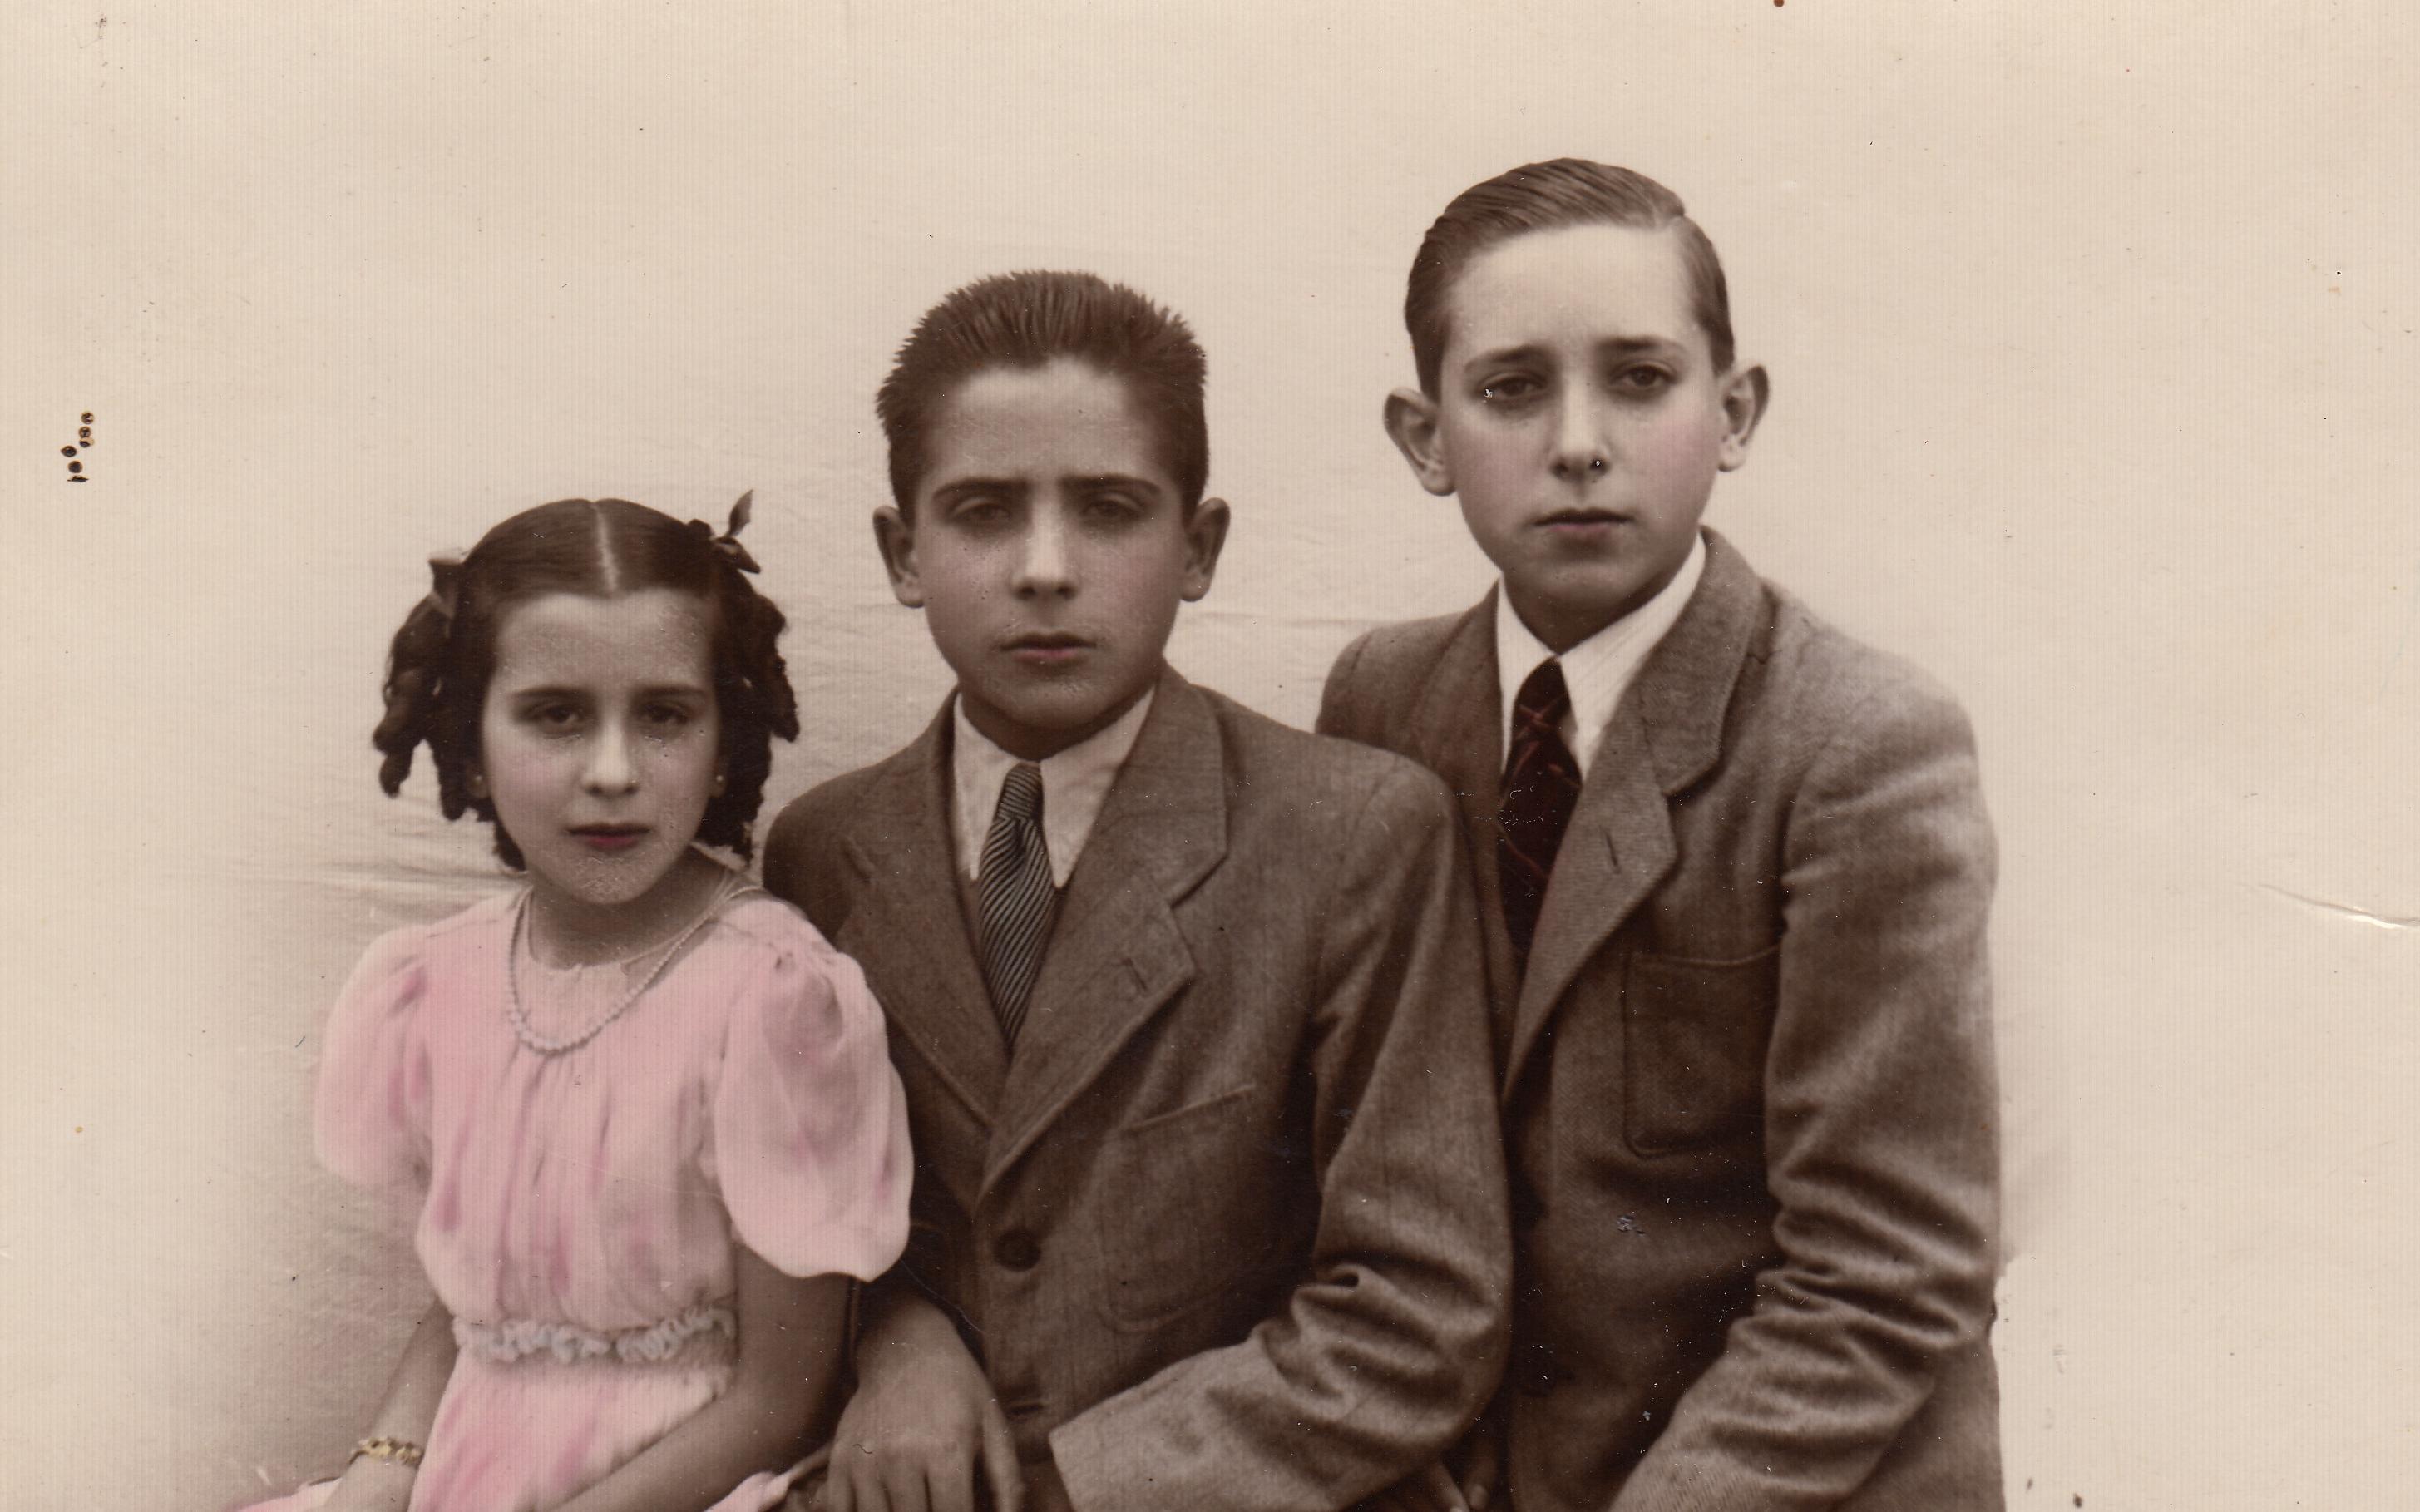 29.-1940.-los-hermanos-lanzarote-marco-1940-circa.jpg